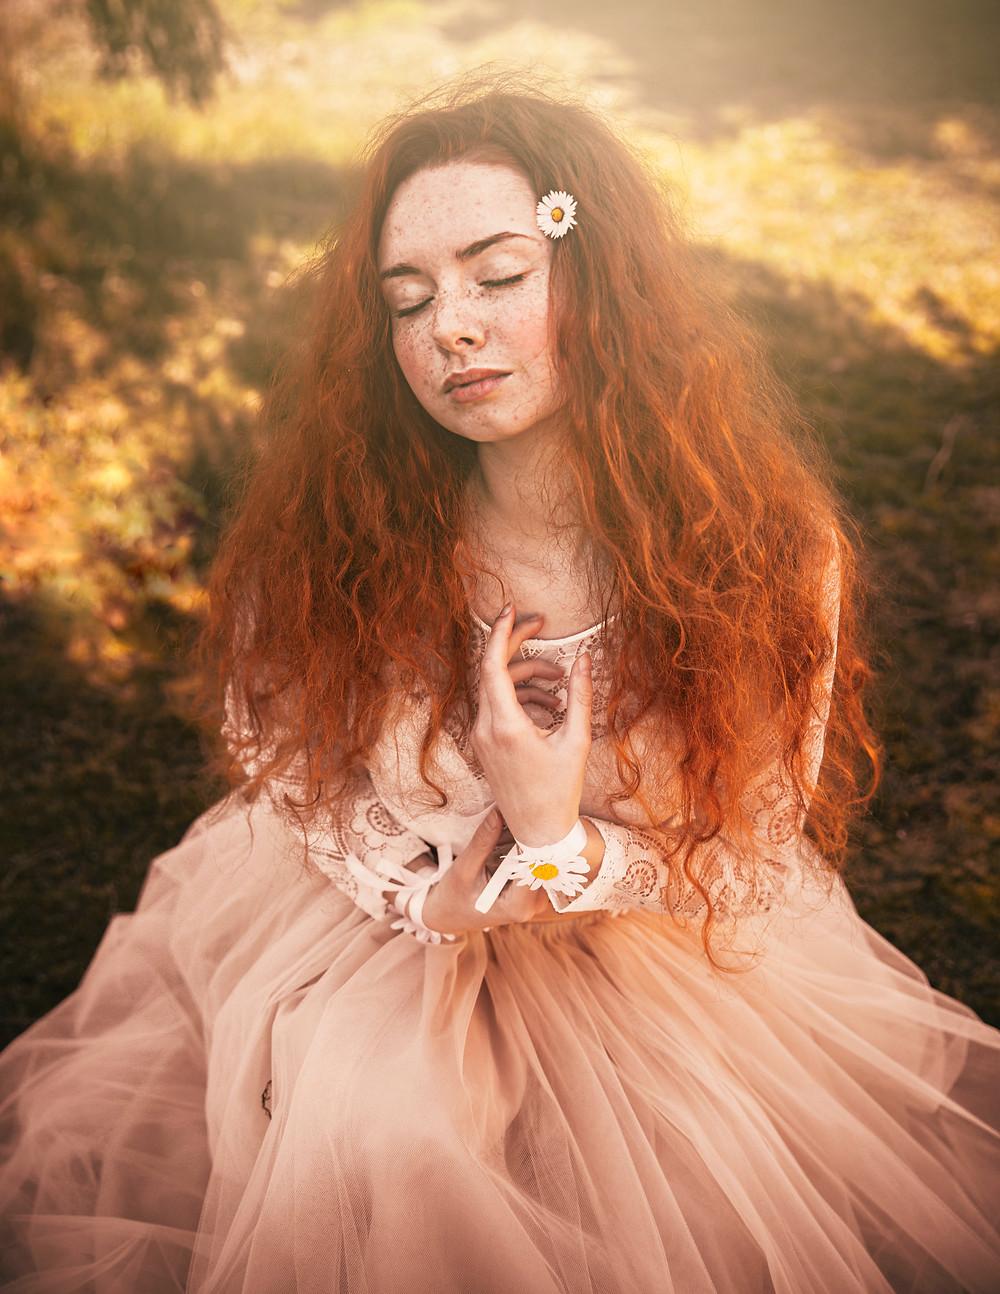 V tráve čupiace nežné ryšavé dievča zo zavretými očami, pehaté, vo vlasoch má jednú margarétku, fotografia je celá zlatistá, oblečenú má veĺľkú, prírodnú tyllovú sukňu béźovej farby a oblečené biele krajkové body s dlhým rukávom, v pozadí je zelená tráva a na rukách má náramky z Margarétok